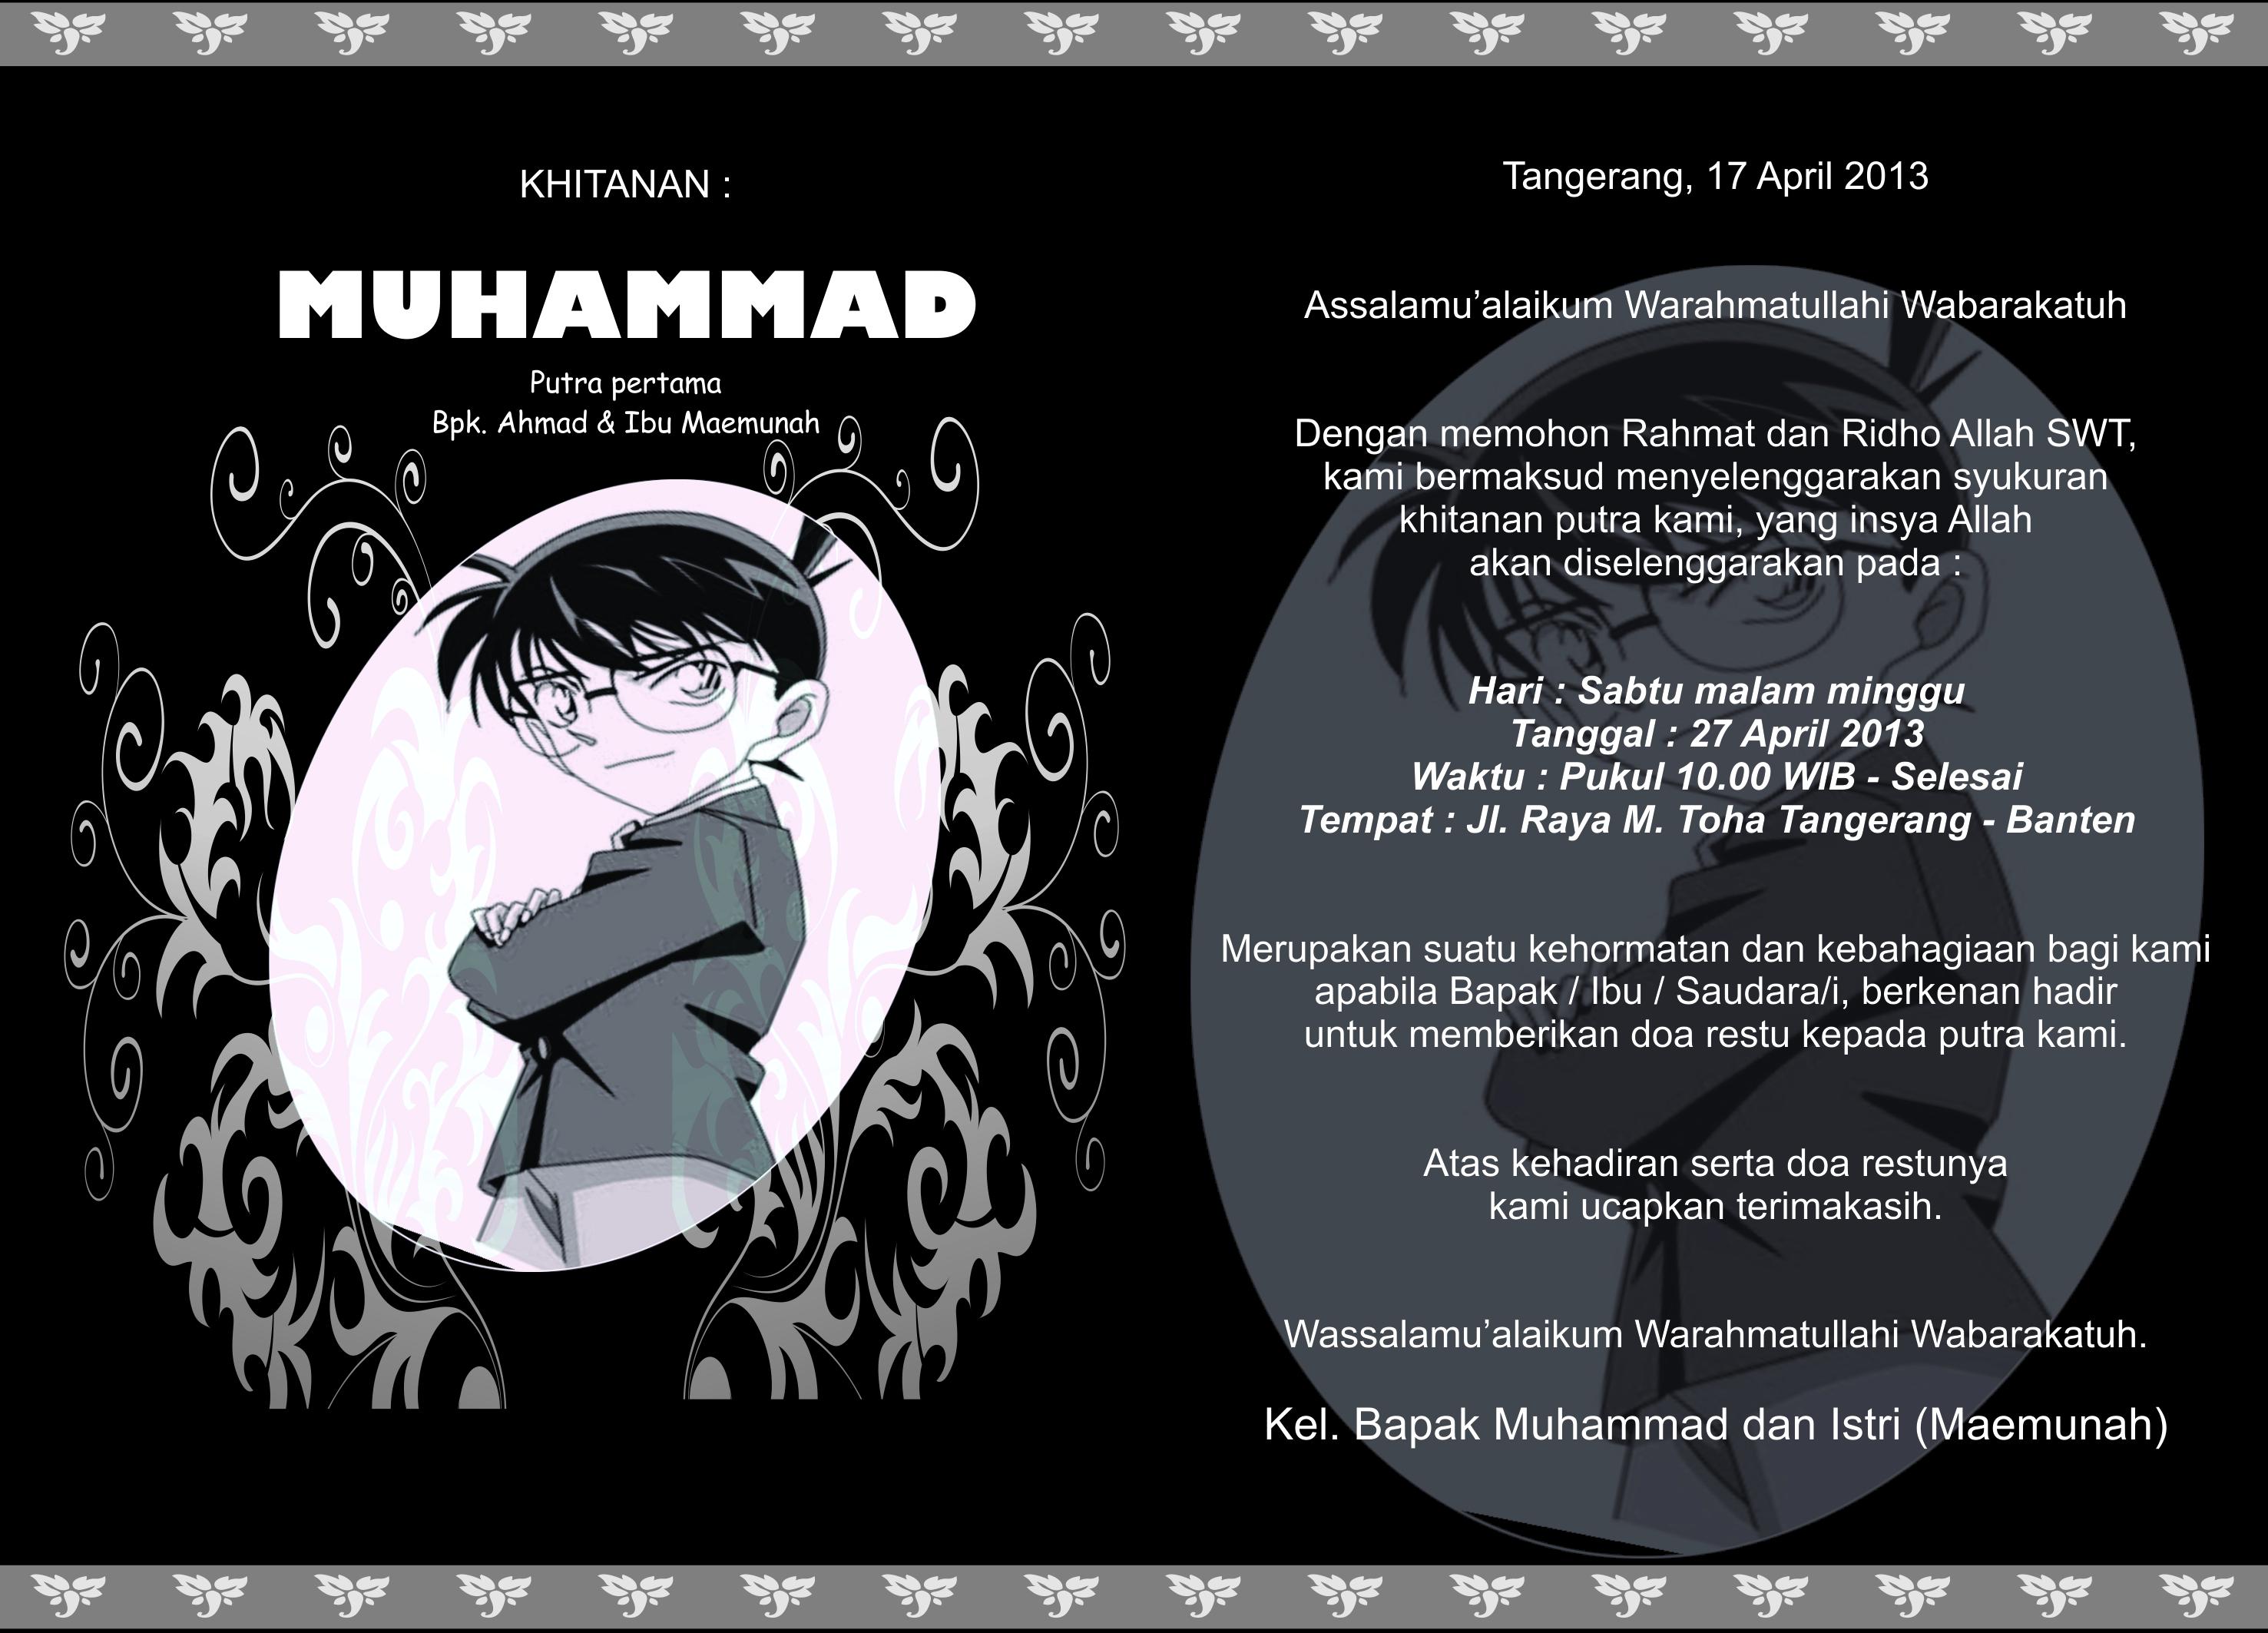 Contoh Undangan Khitanan Ahmadkahfi17